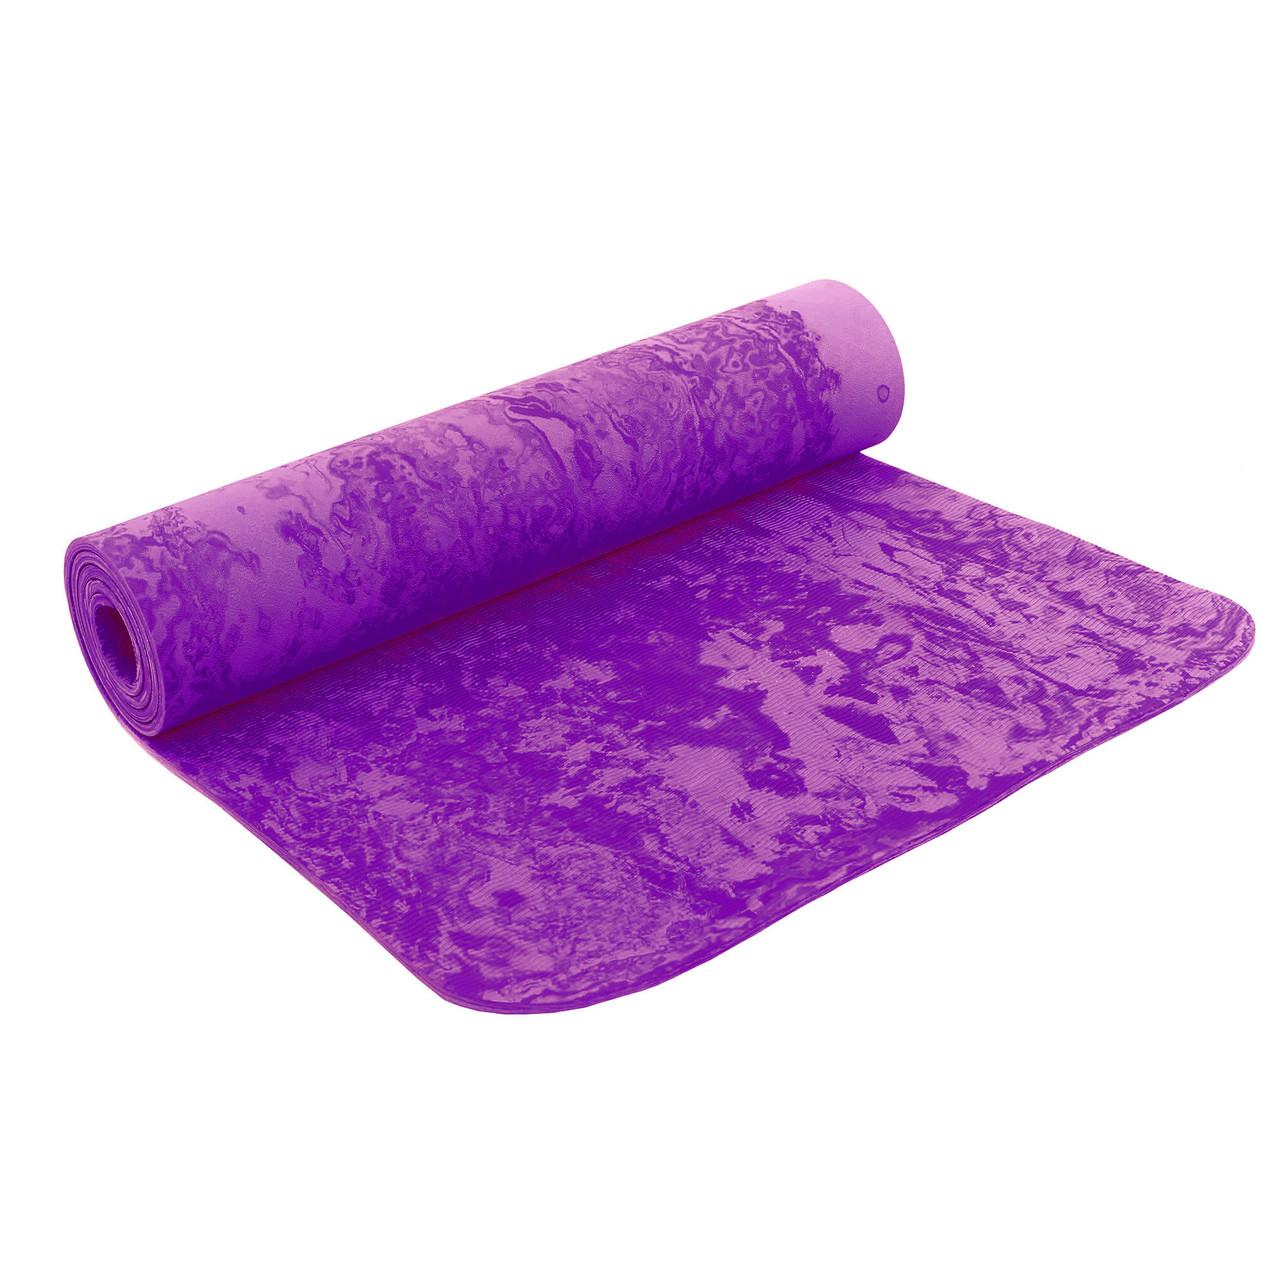 Коврик для фитнеса и йоги PER 8мм SP-Planeta FI-4936 (Фиолетовый)